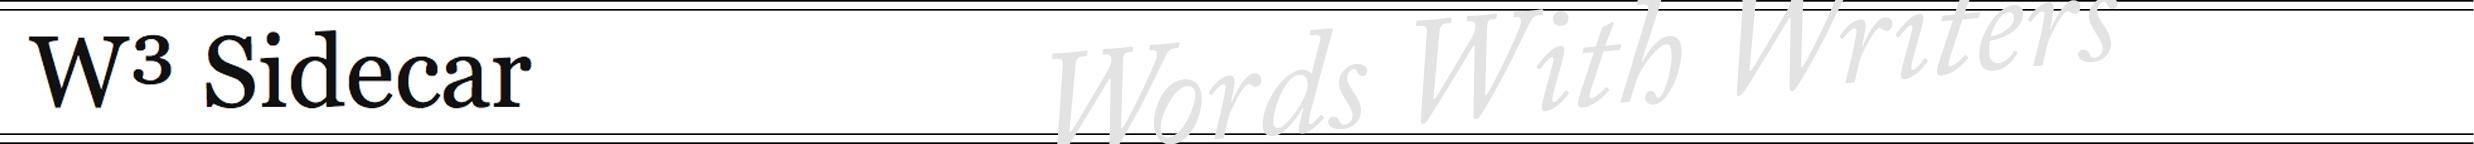 W3-Sidecar_Banner